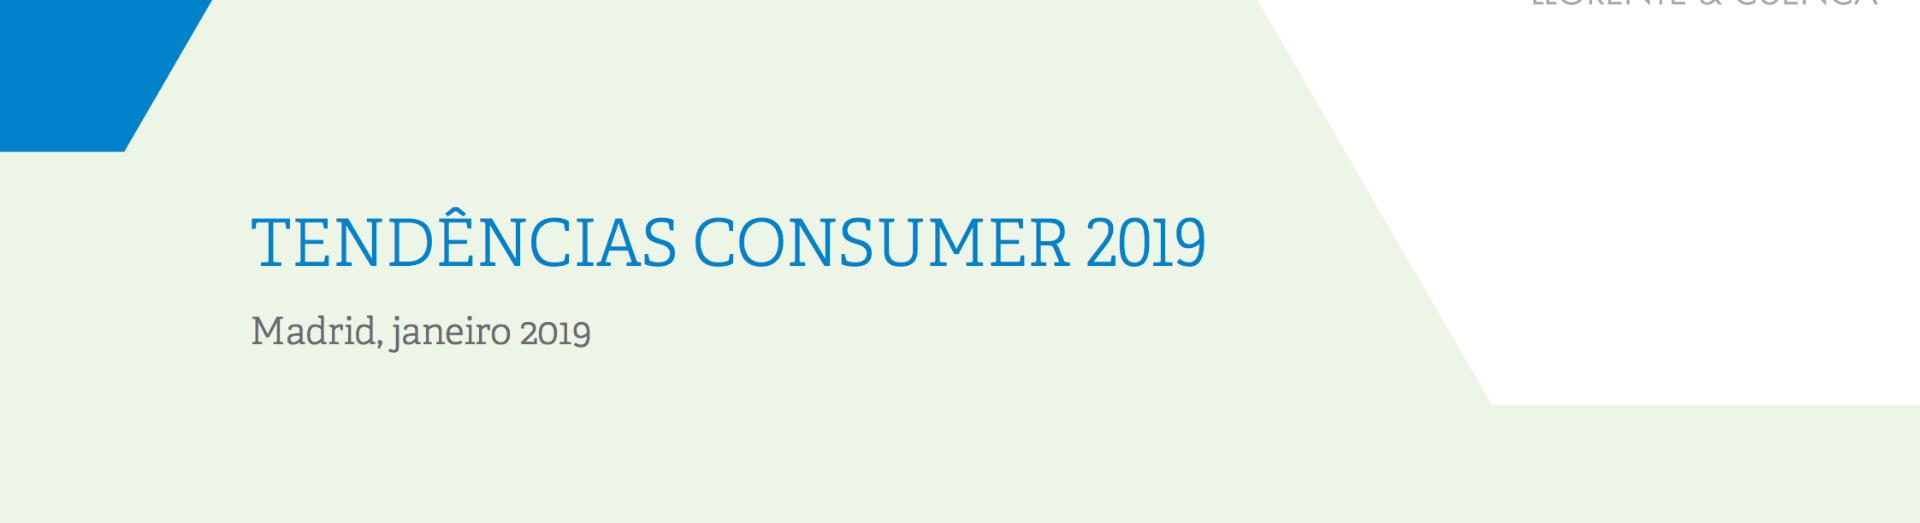 Estudo tendencias 2019